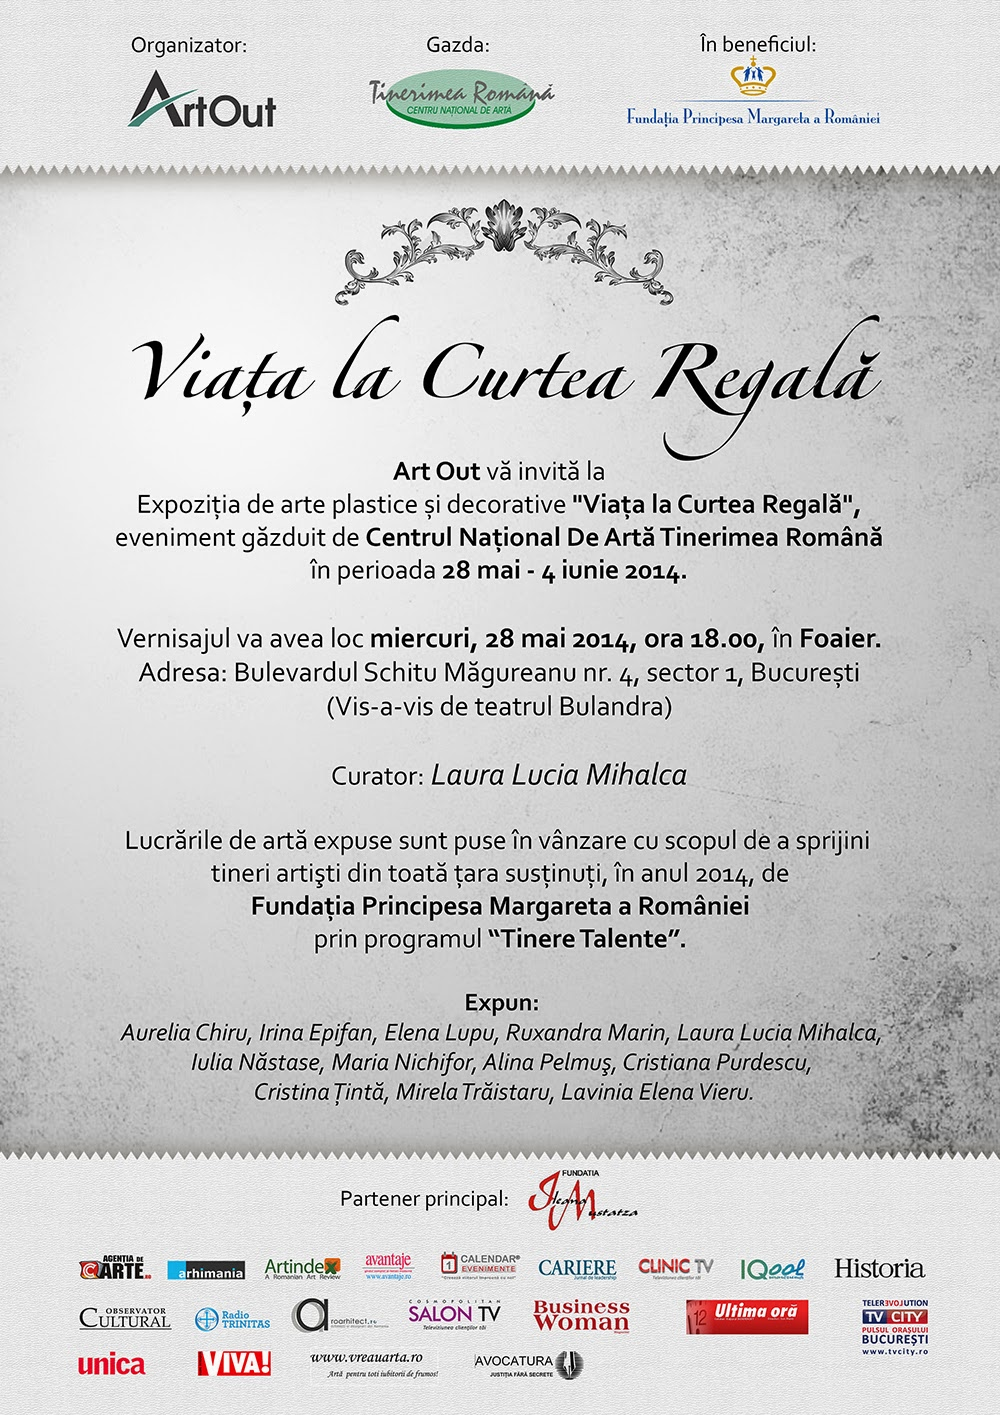 Expoziție de arte plastice în beneficiul programului Tinere Talente al Fundației Principesa Margareta a României